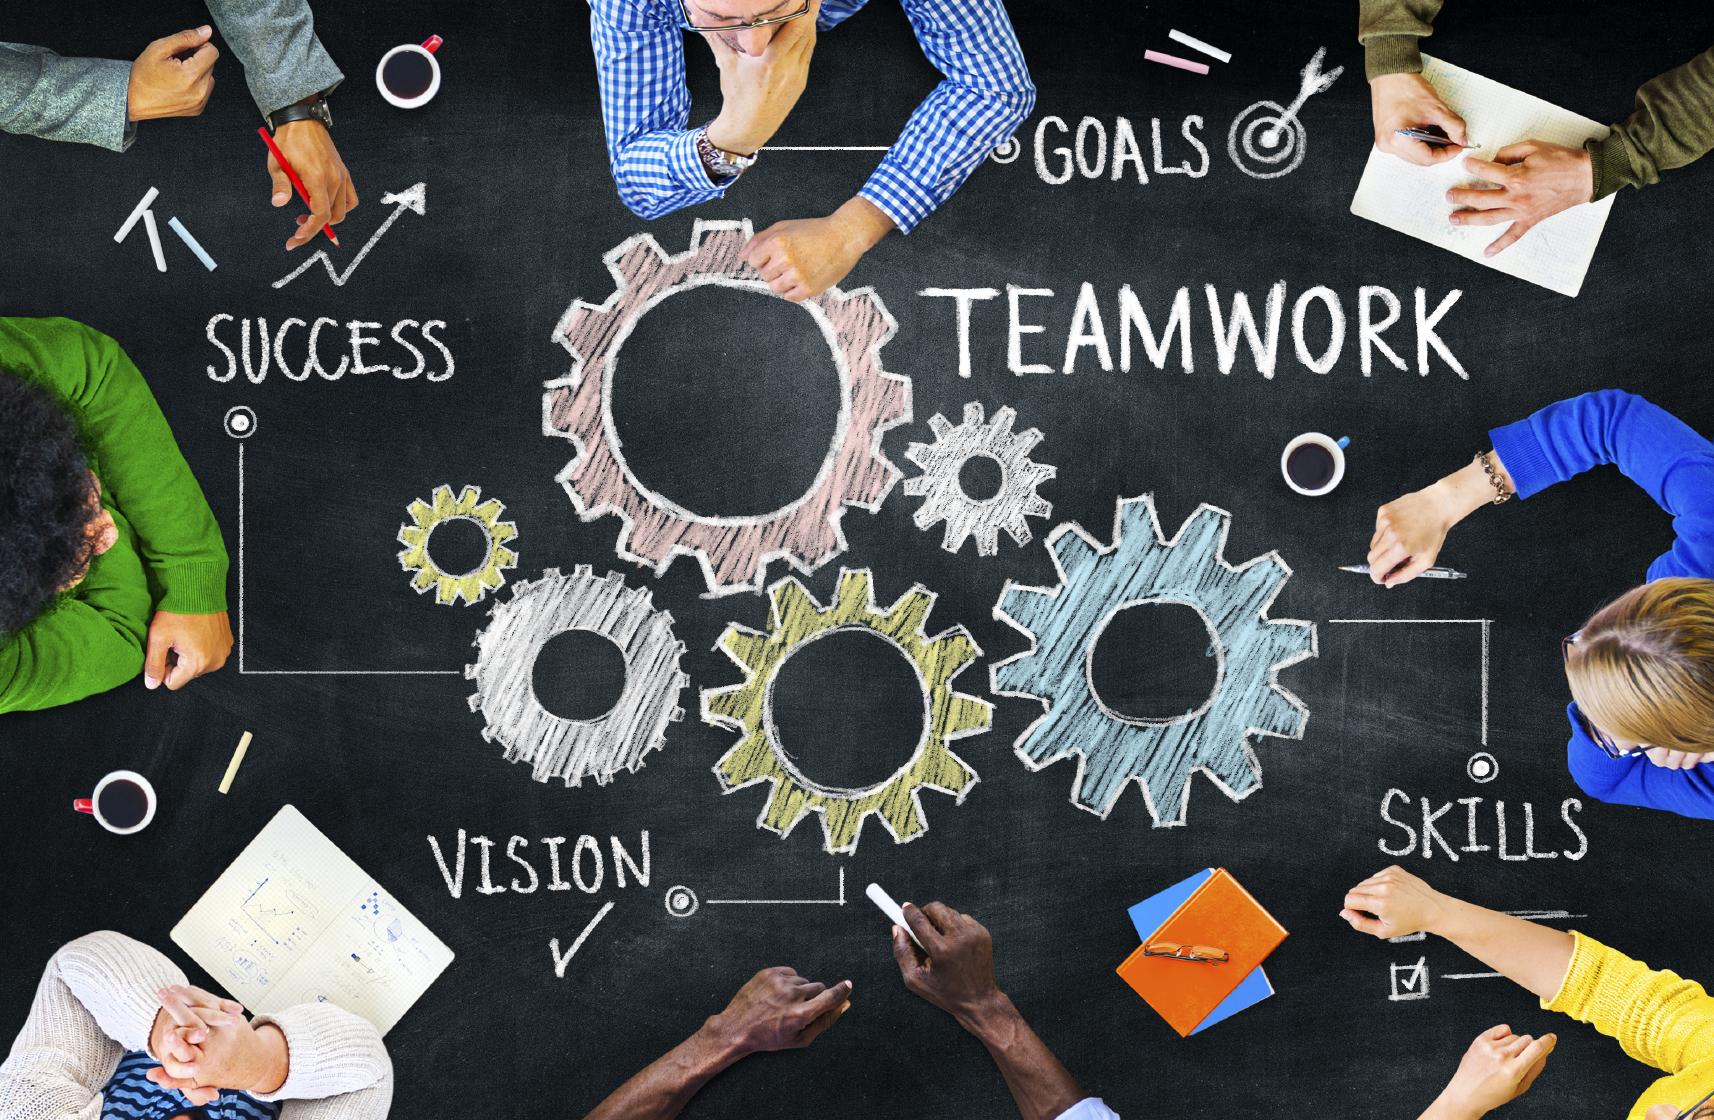 Teamwork - Career E Portfolio